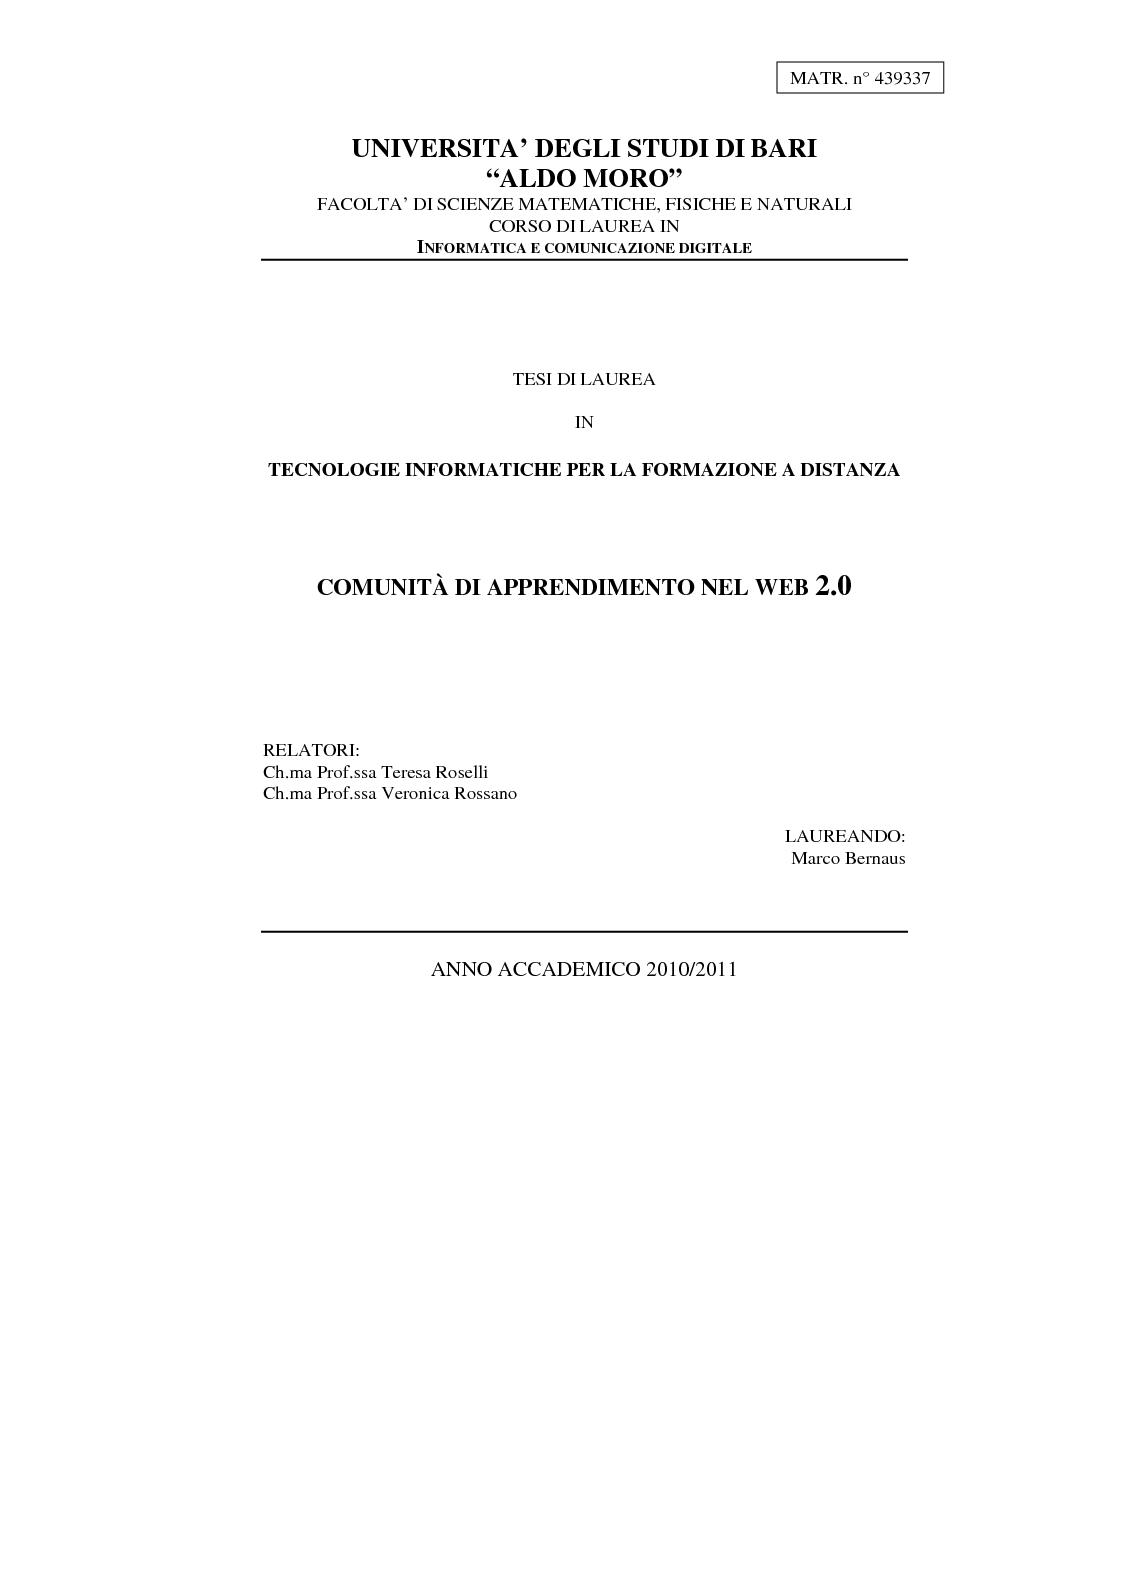 Anteprima della tesi: Comunità di Apprendimento nel Web 2.0, Pagina 1